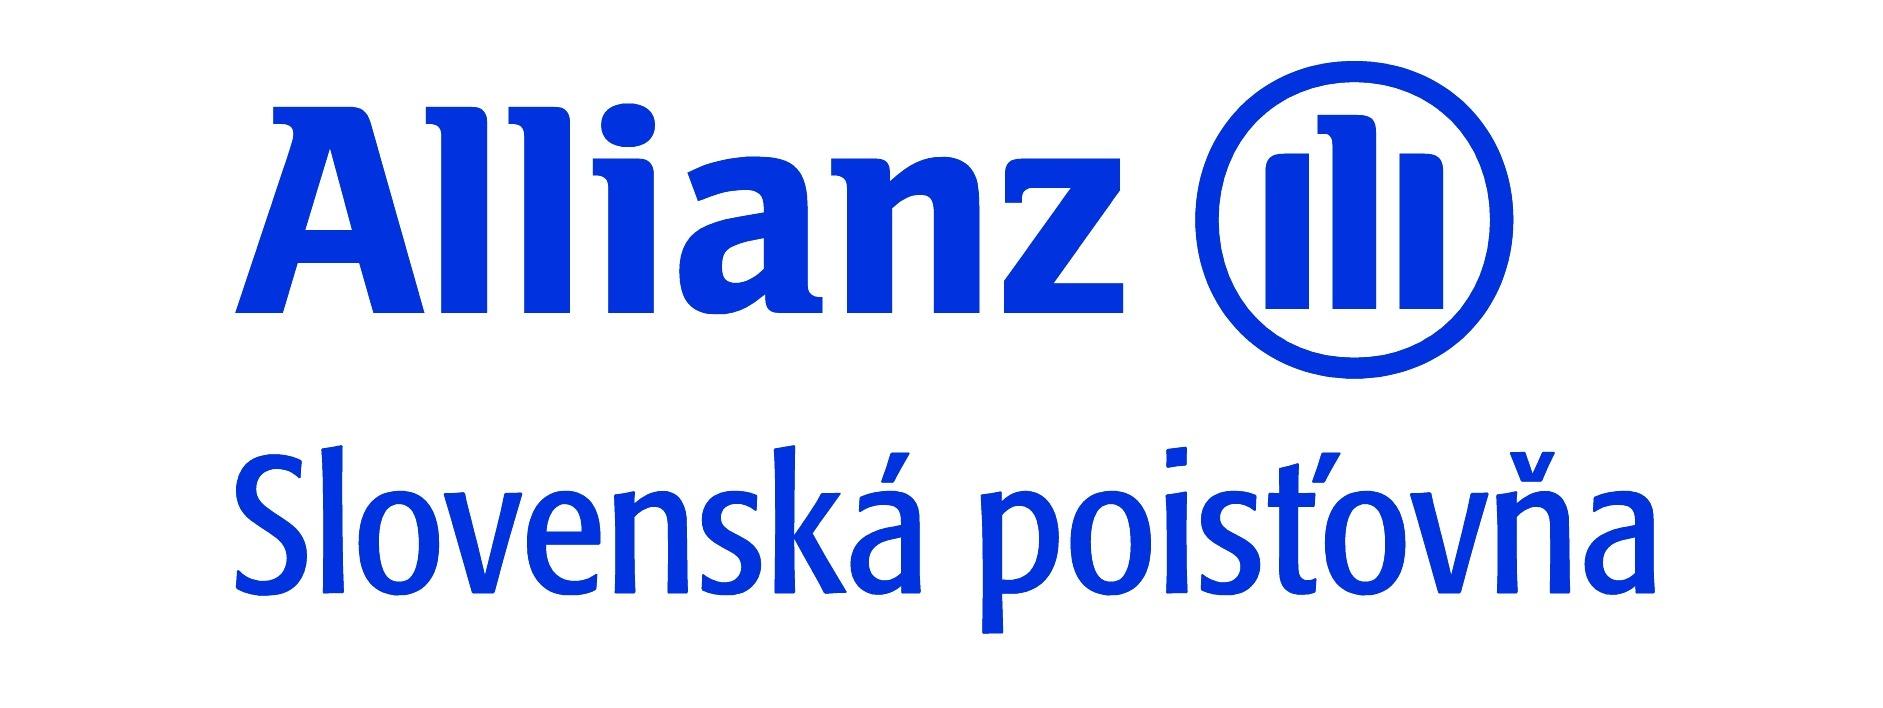 Logo poisťovne Allianz - Slovenská poisťovňa